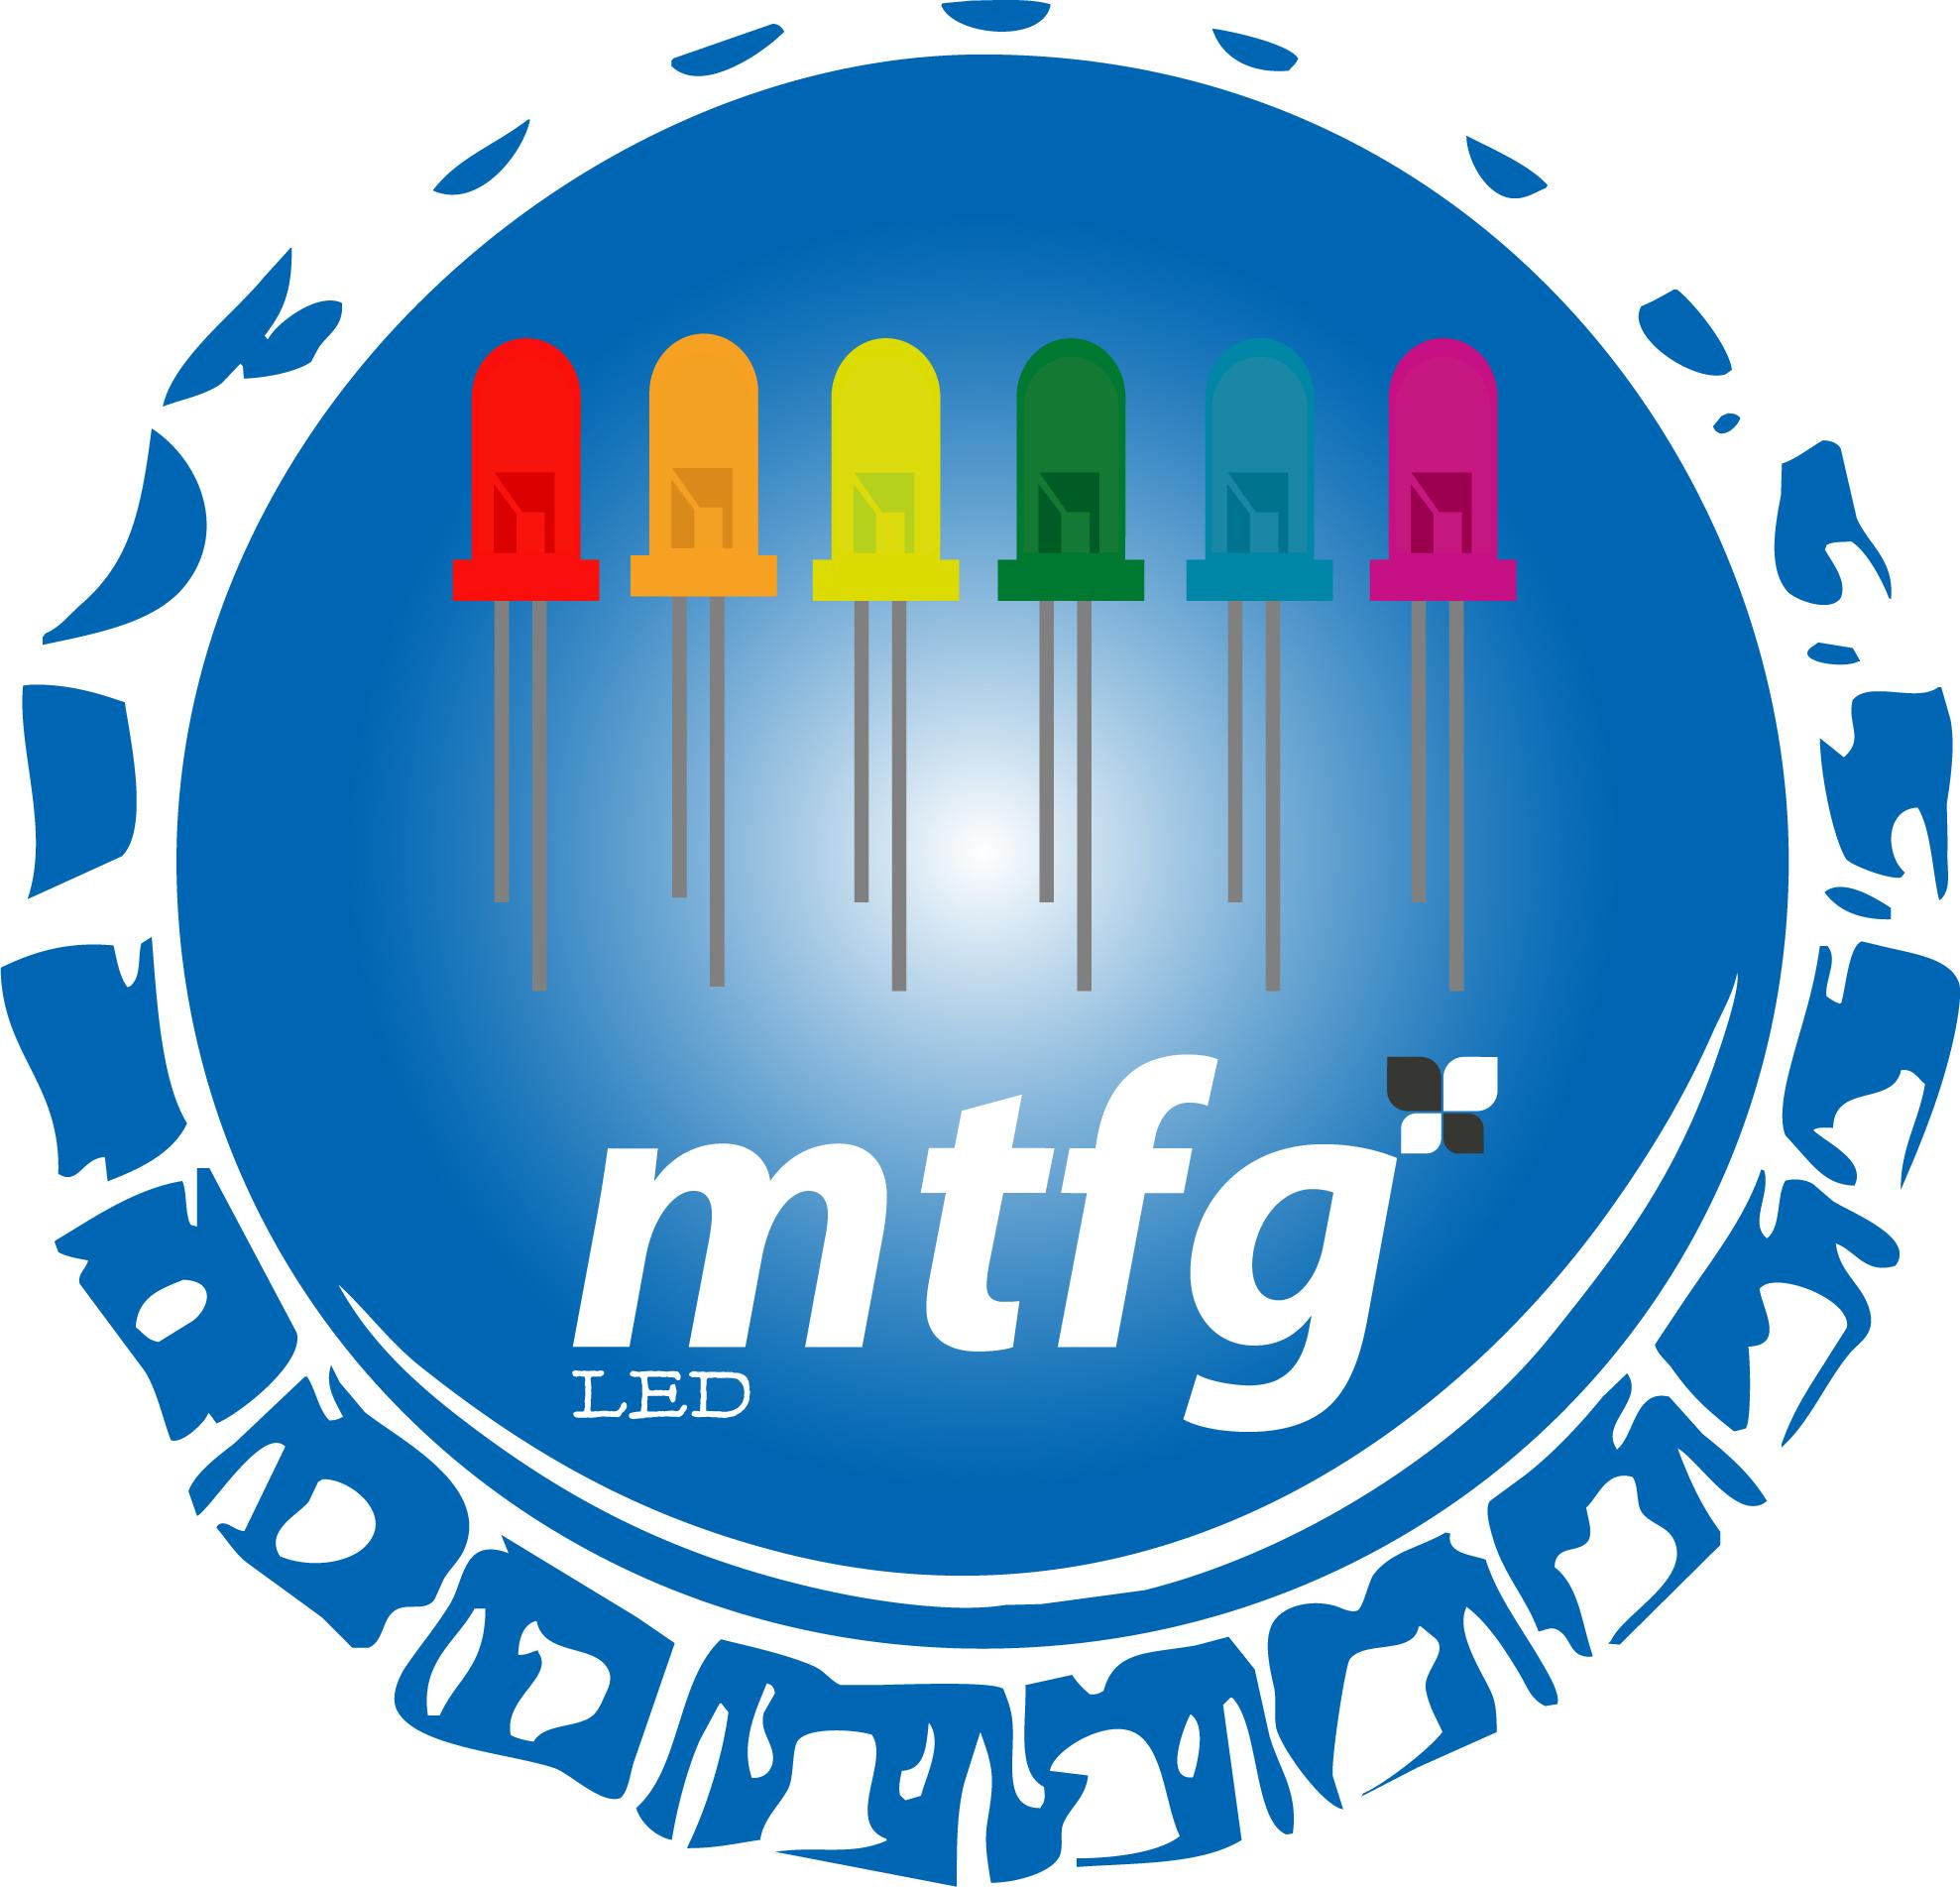 MTFG LED